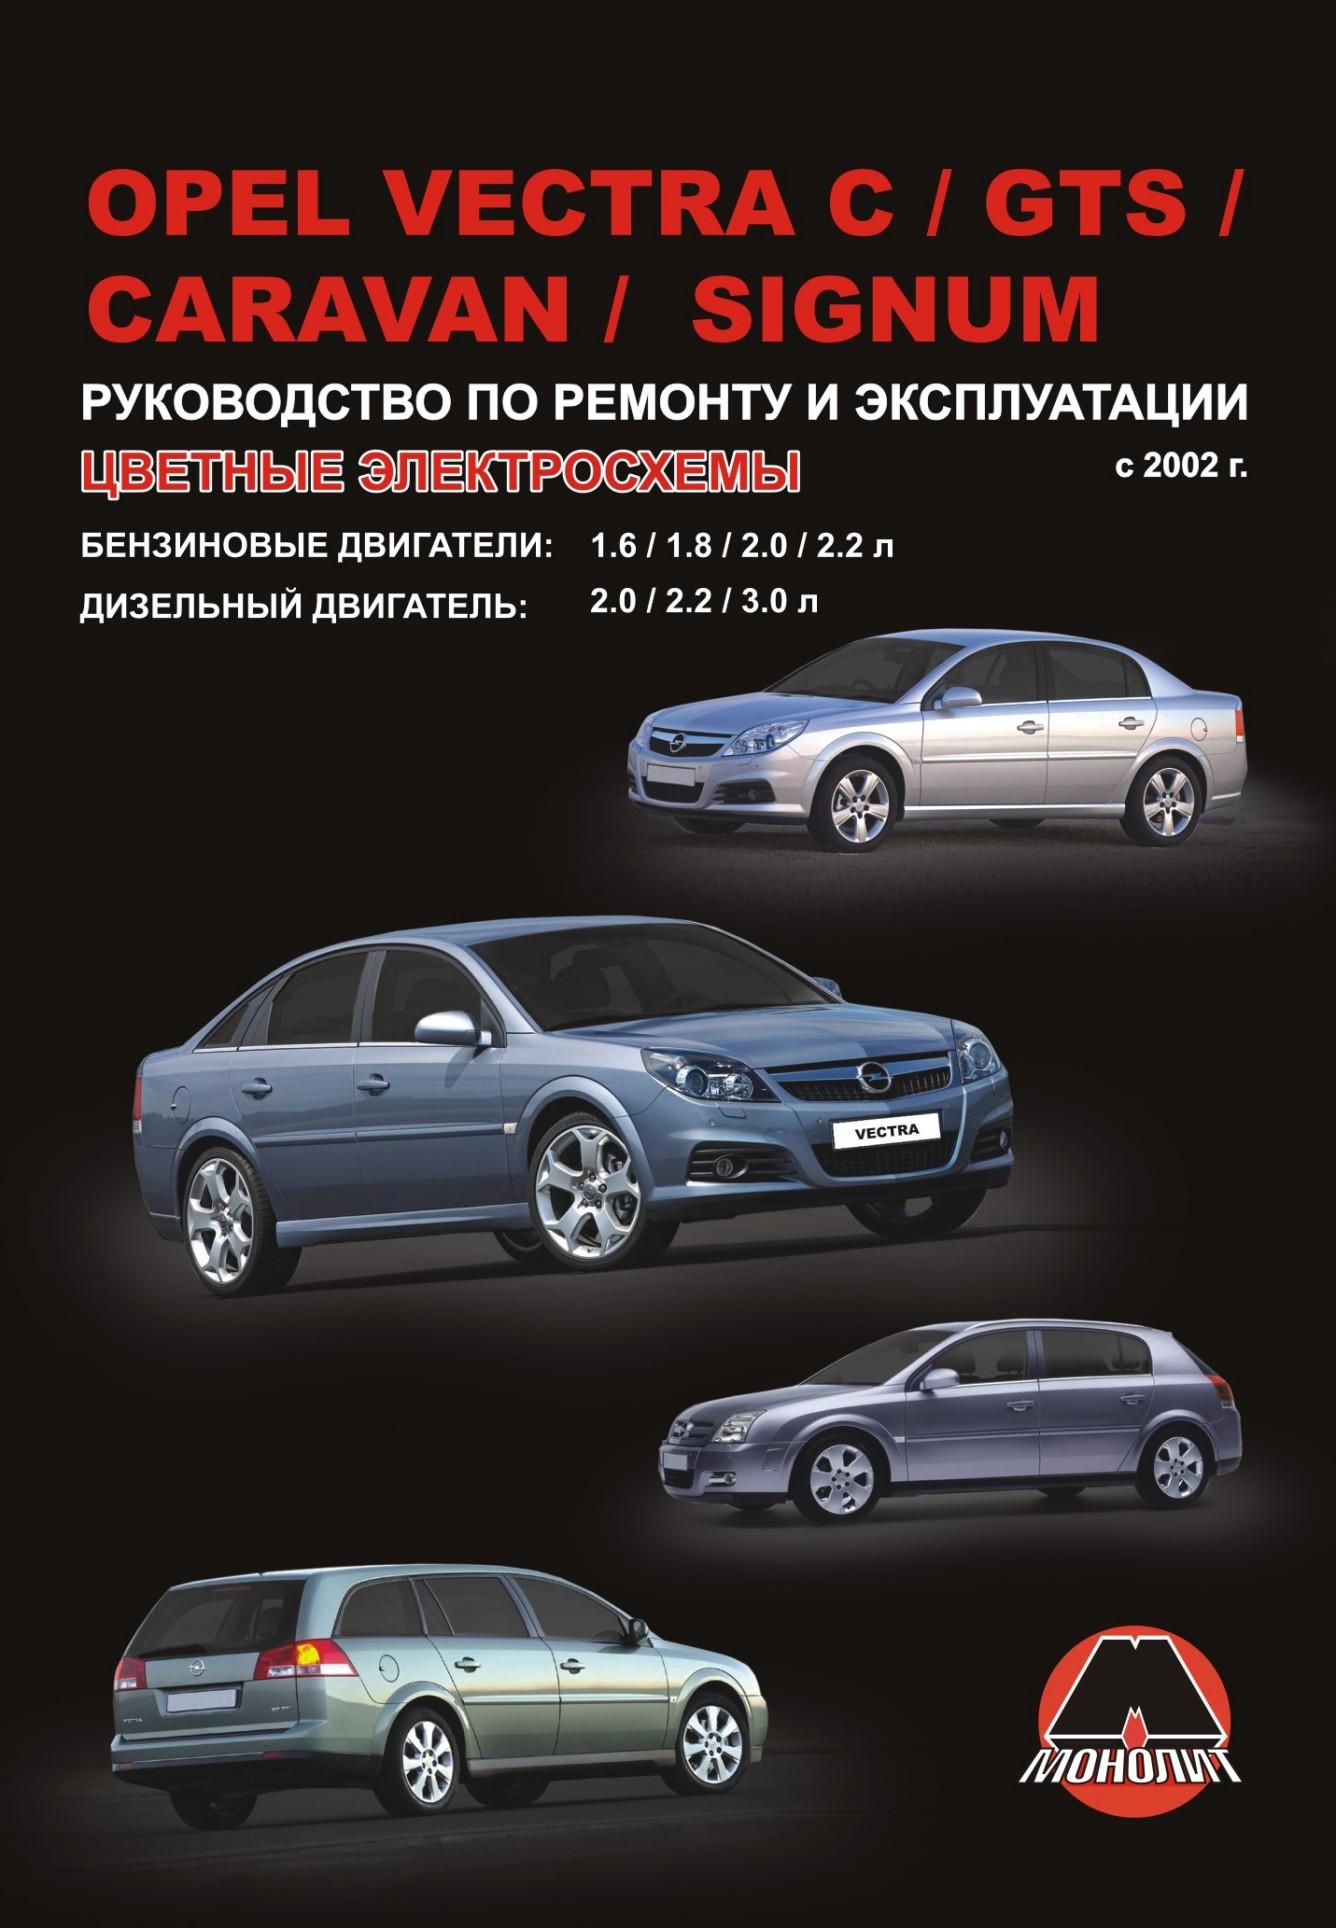 Книга OPEL VECTRA C / CARAVAN / GTS / SIGNUM (Опель Вектра С) с 2002 бензин / дизель Пособие по ремонту и эксплуатации